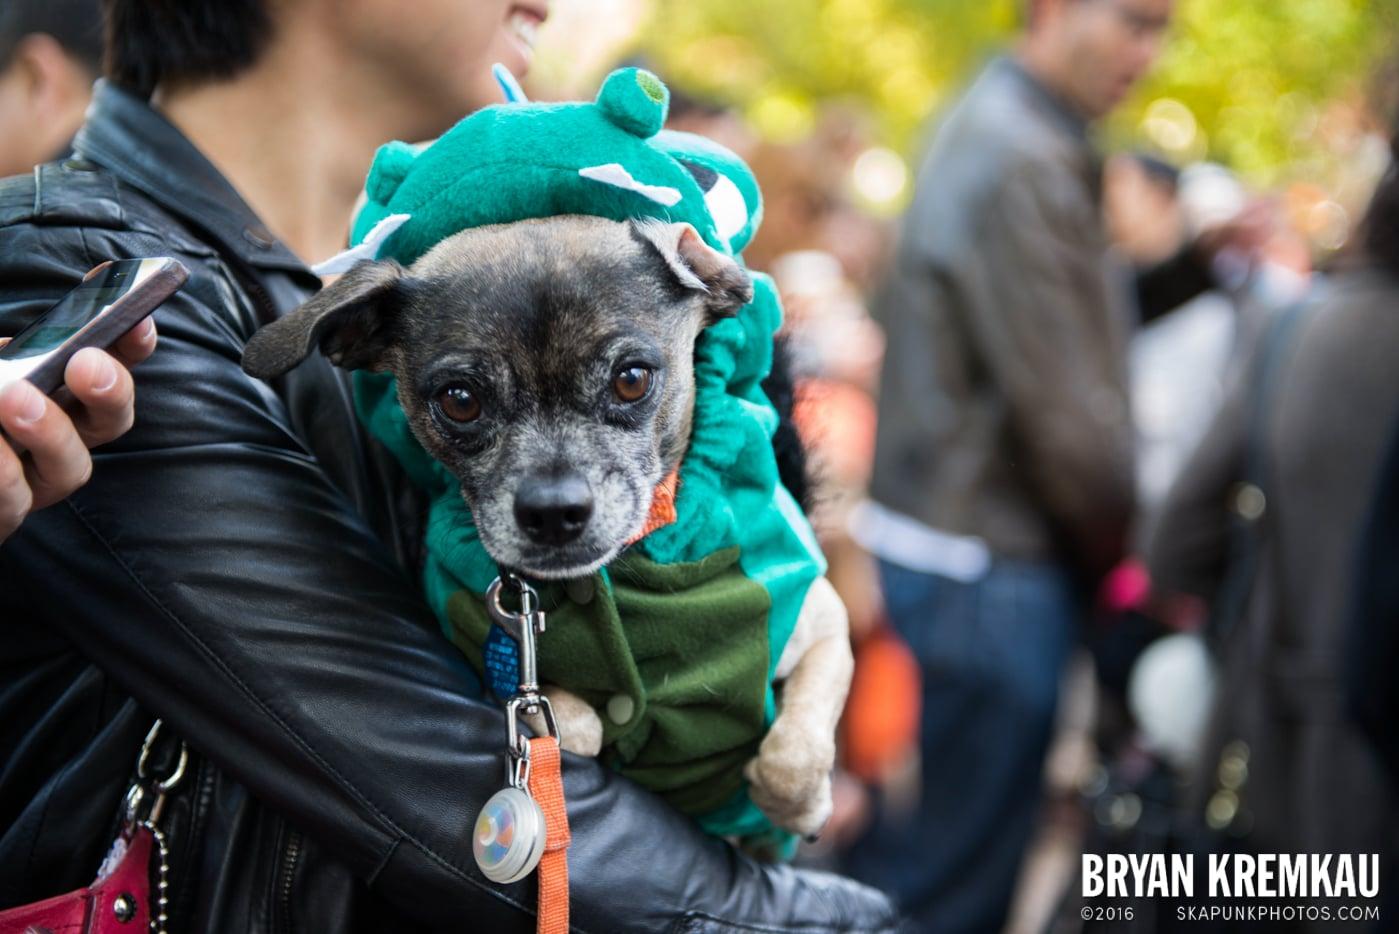 Tompkins Square Halloween Dog Parade 2013 @ Tompkins Square Park, NYC - 10.26.13 (31)